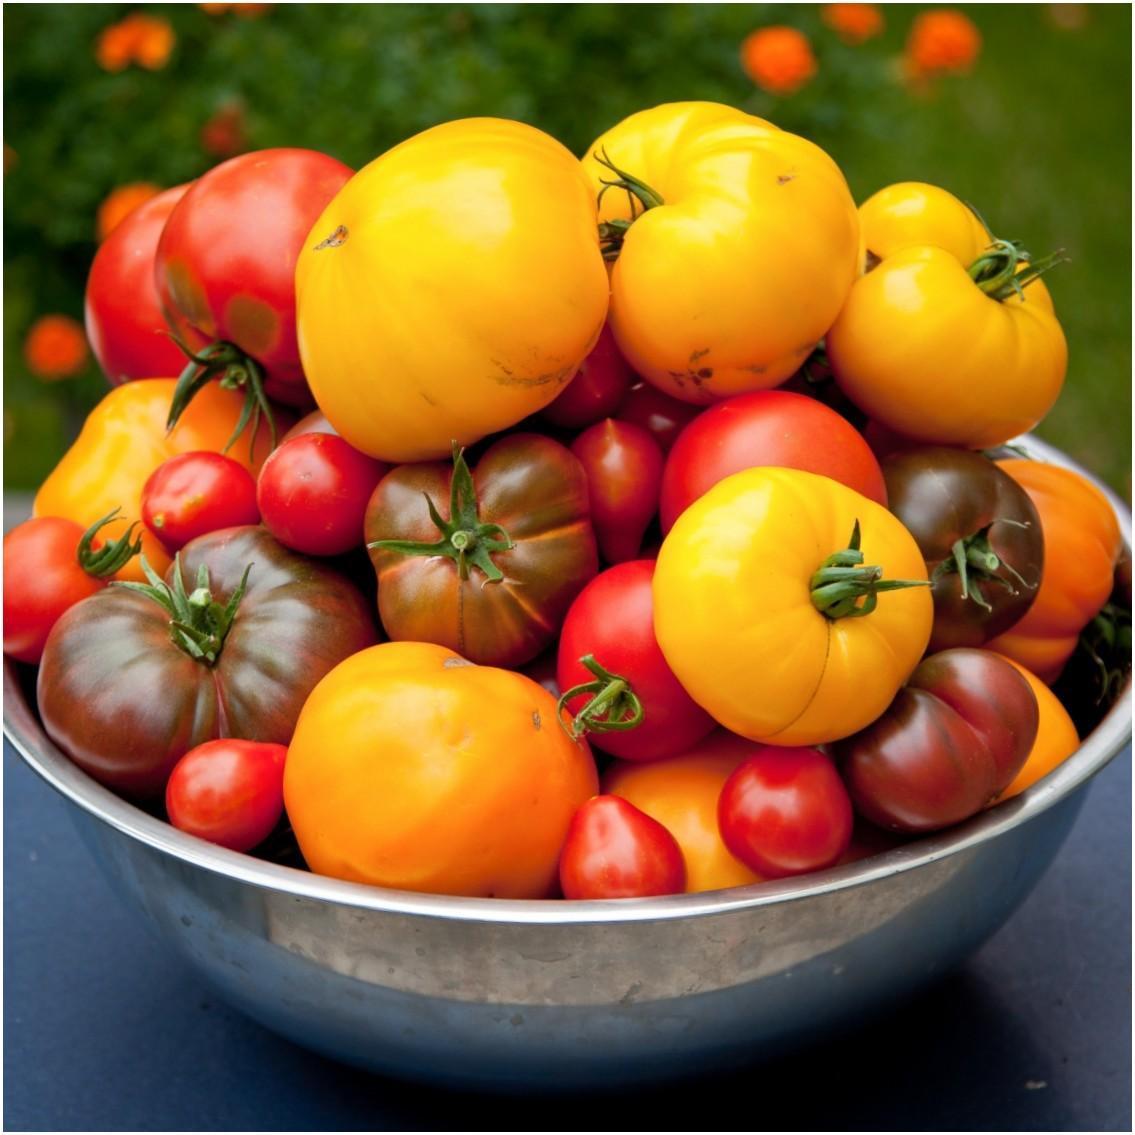 томат сорта помисолька описание увидеть, как эти